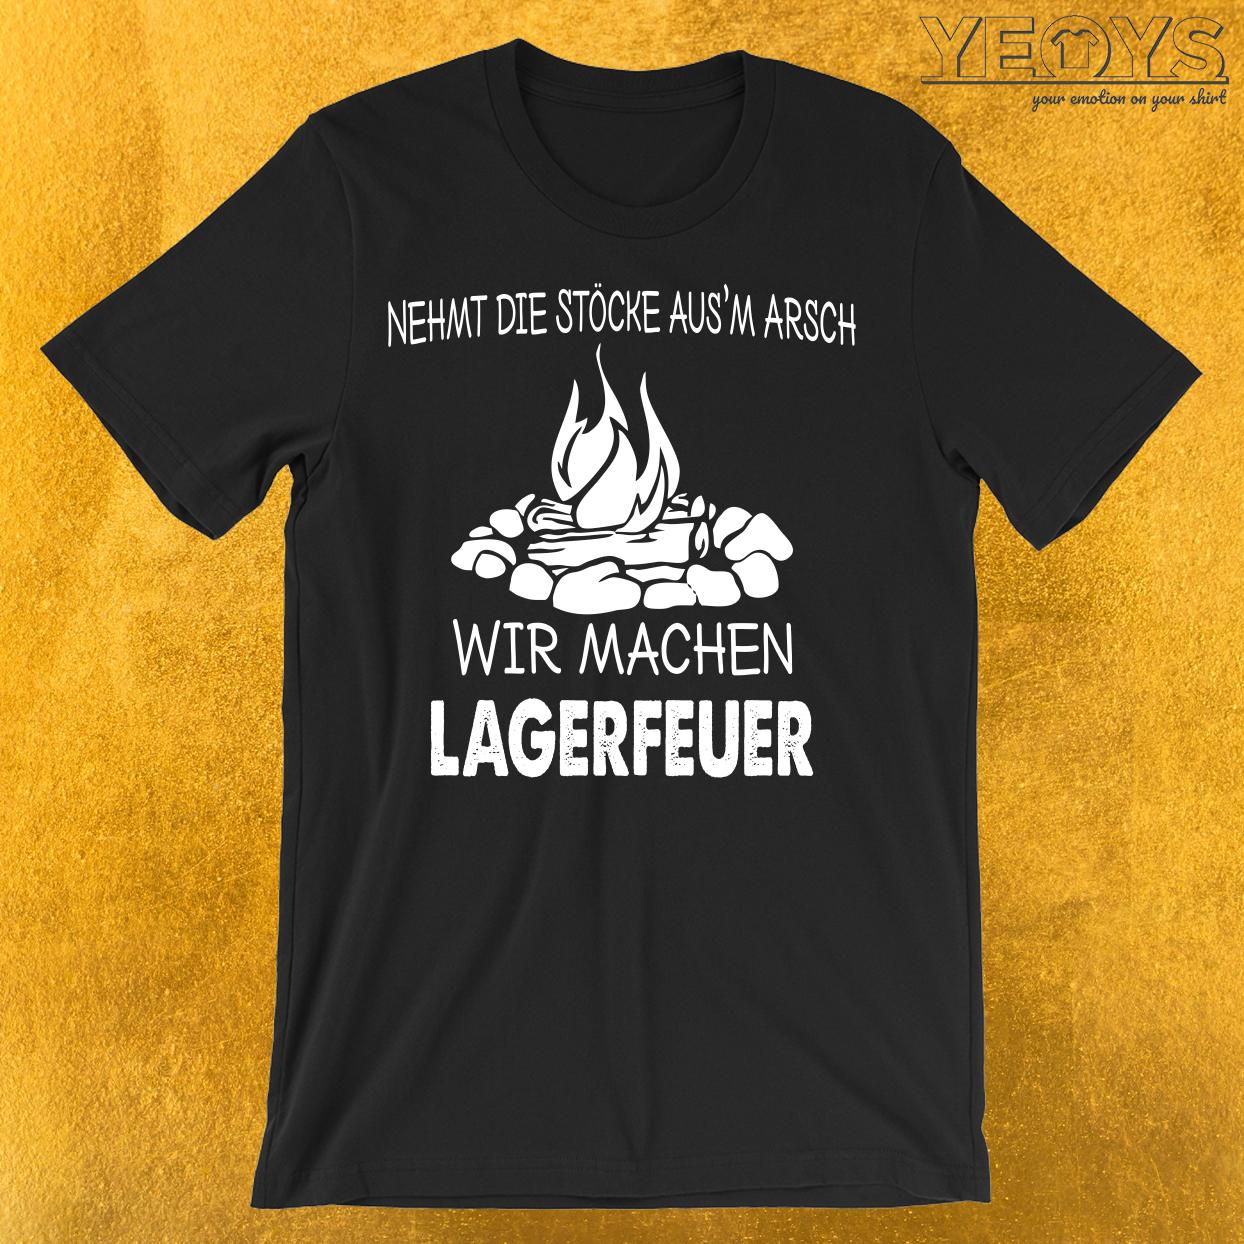 Stöcke aus'm Arsch wir machen Lagerfeuer T-Shirt